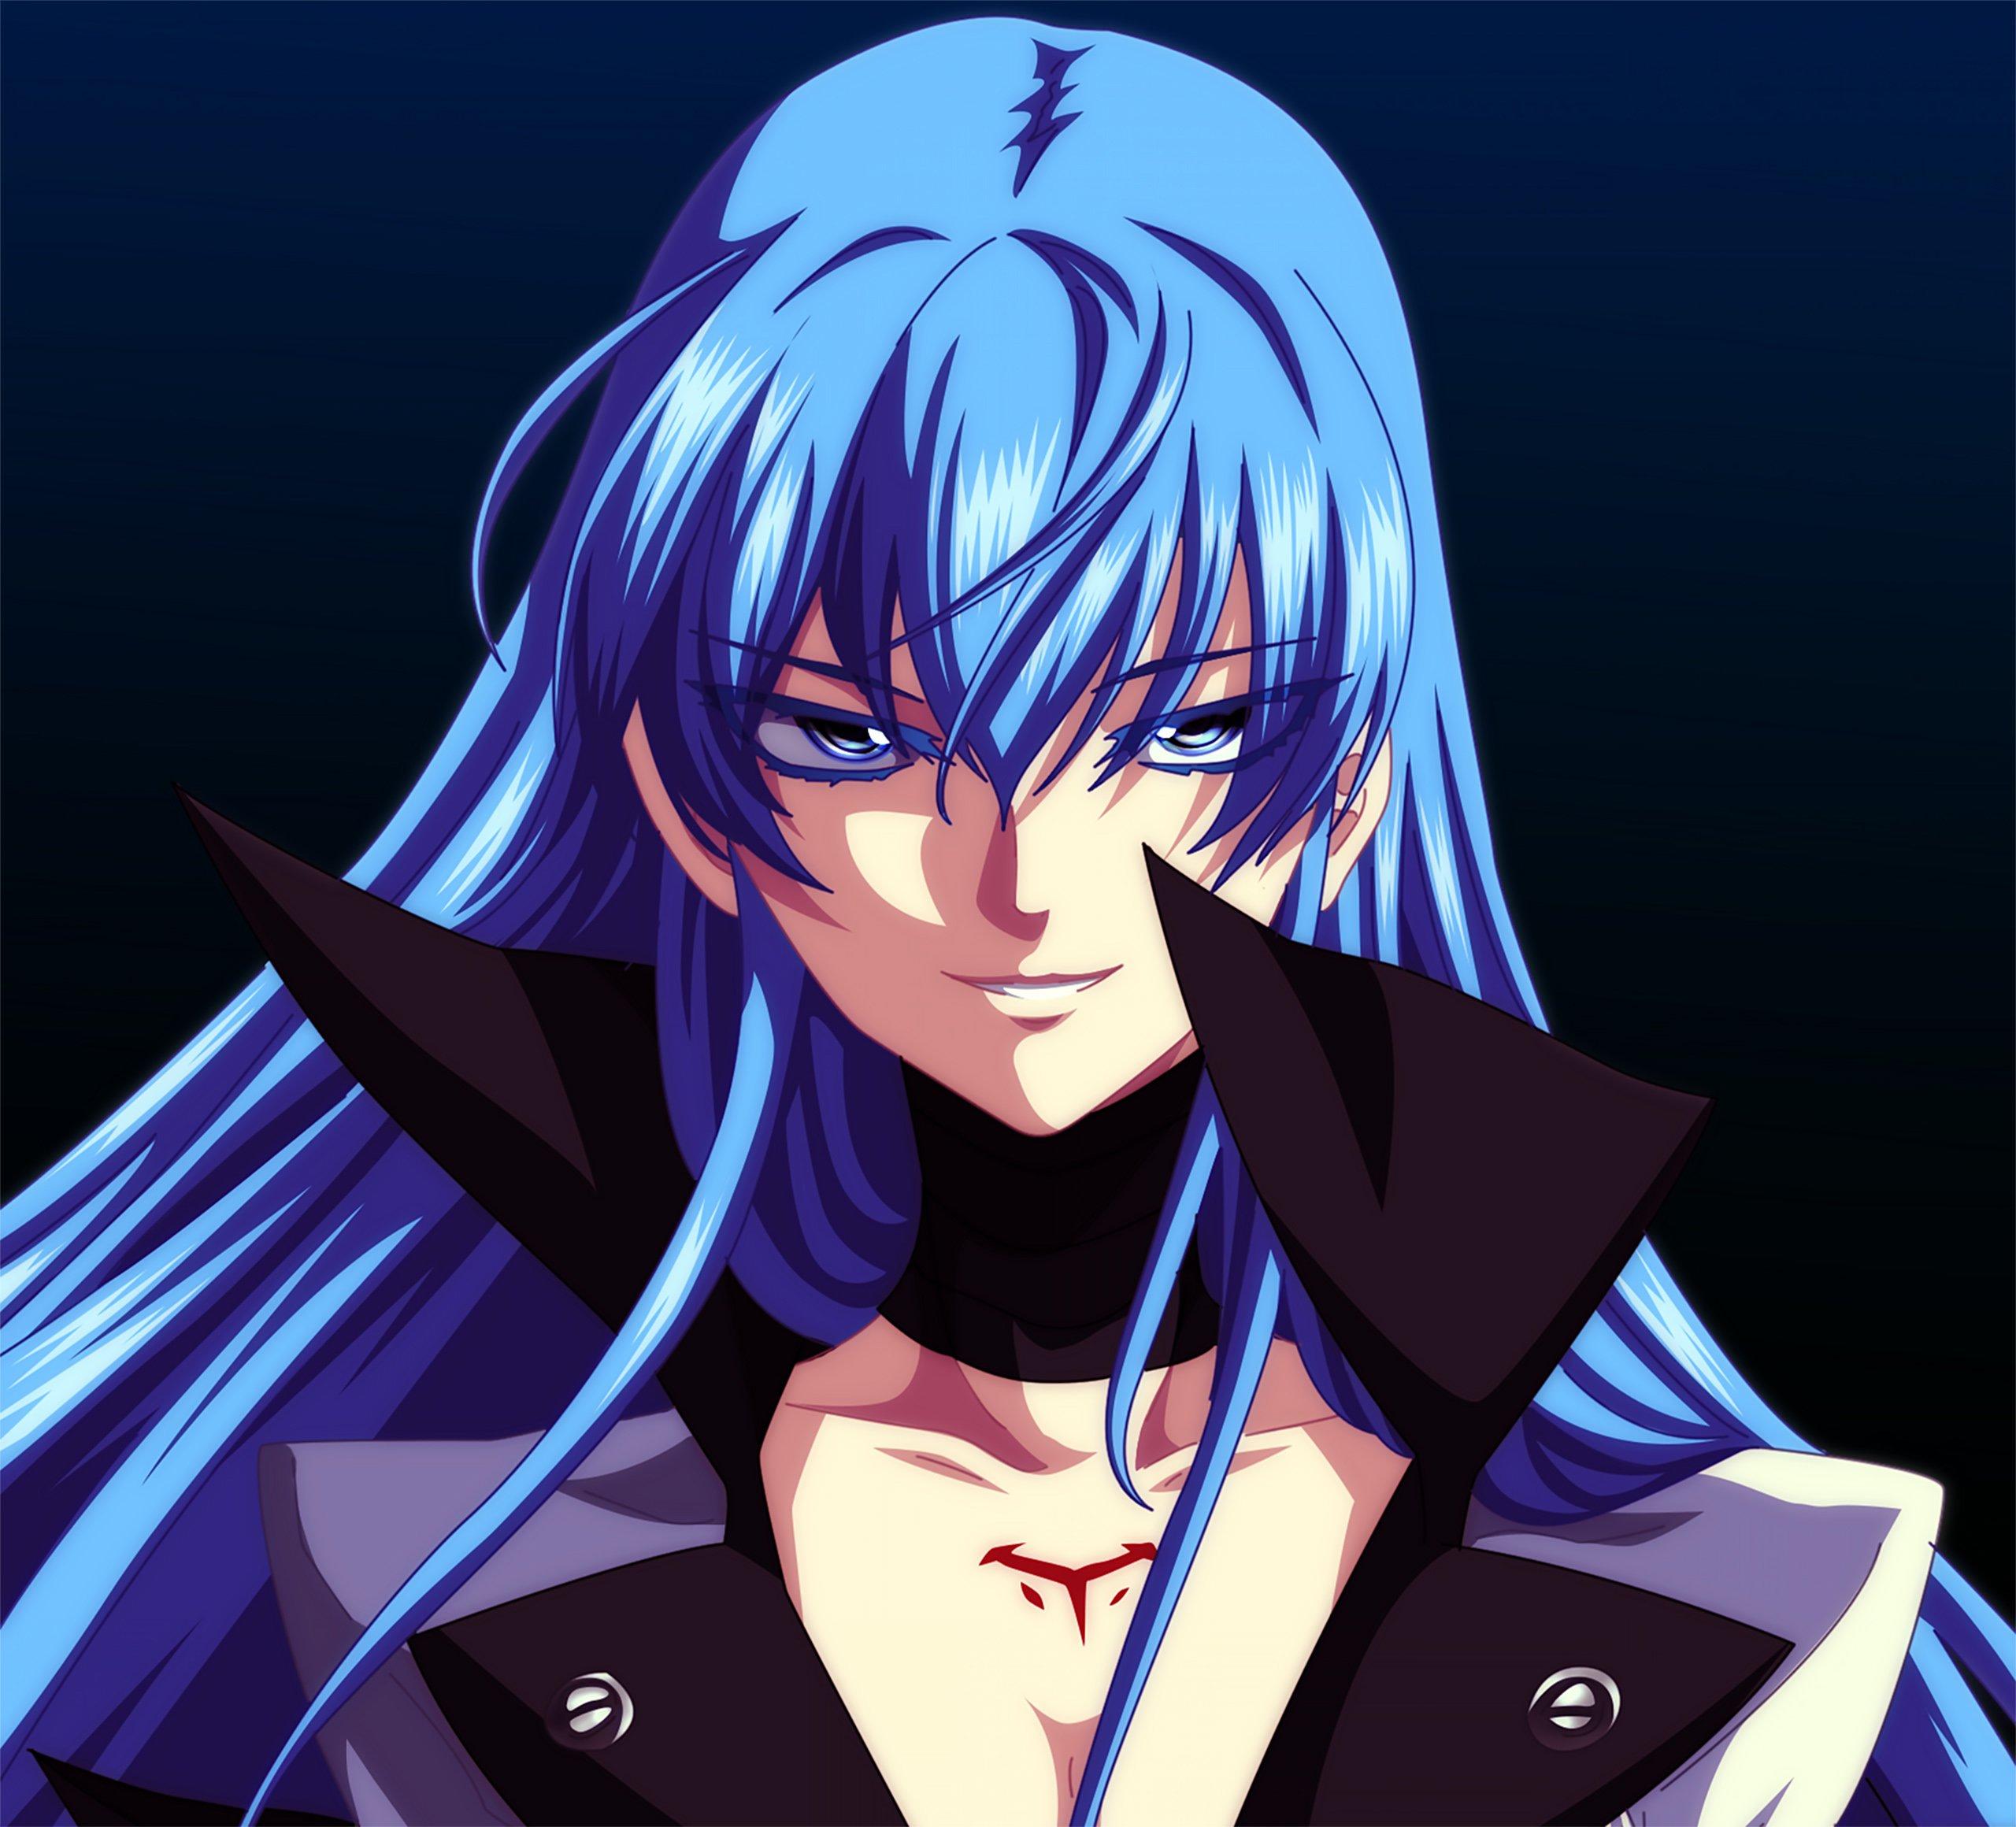 Fondos de pantalla Anime Esdeath de Akame ga Kill!